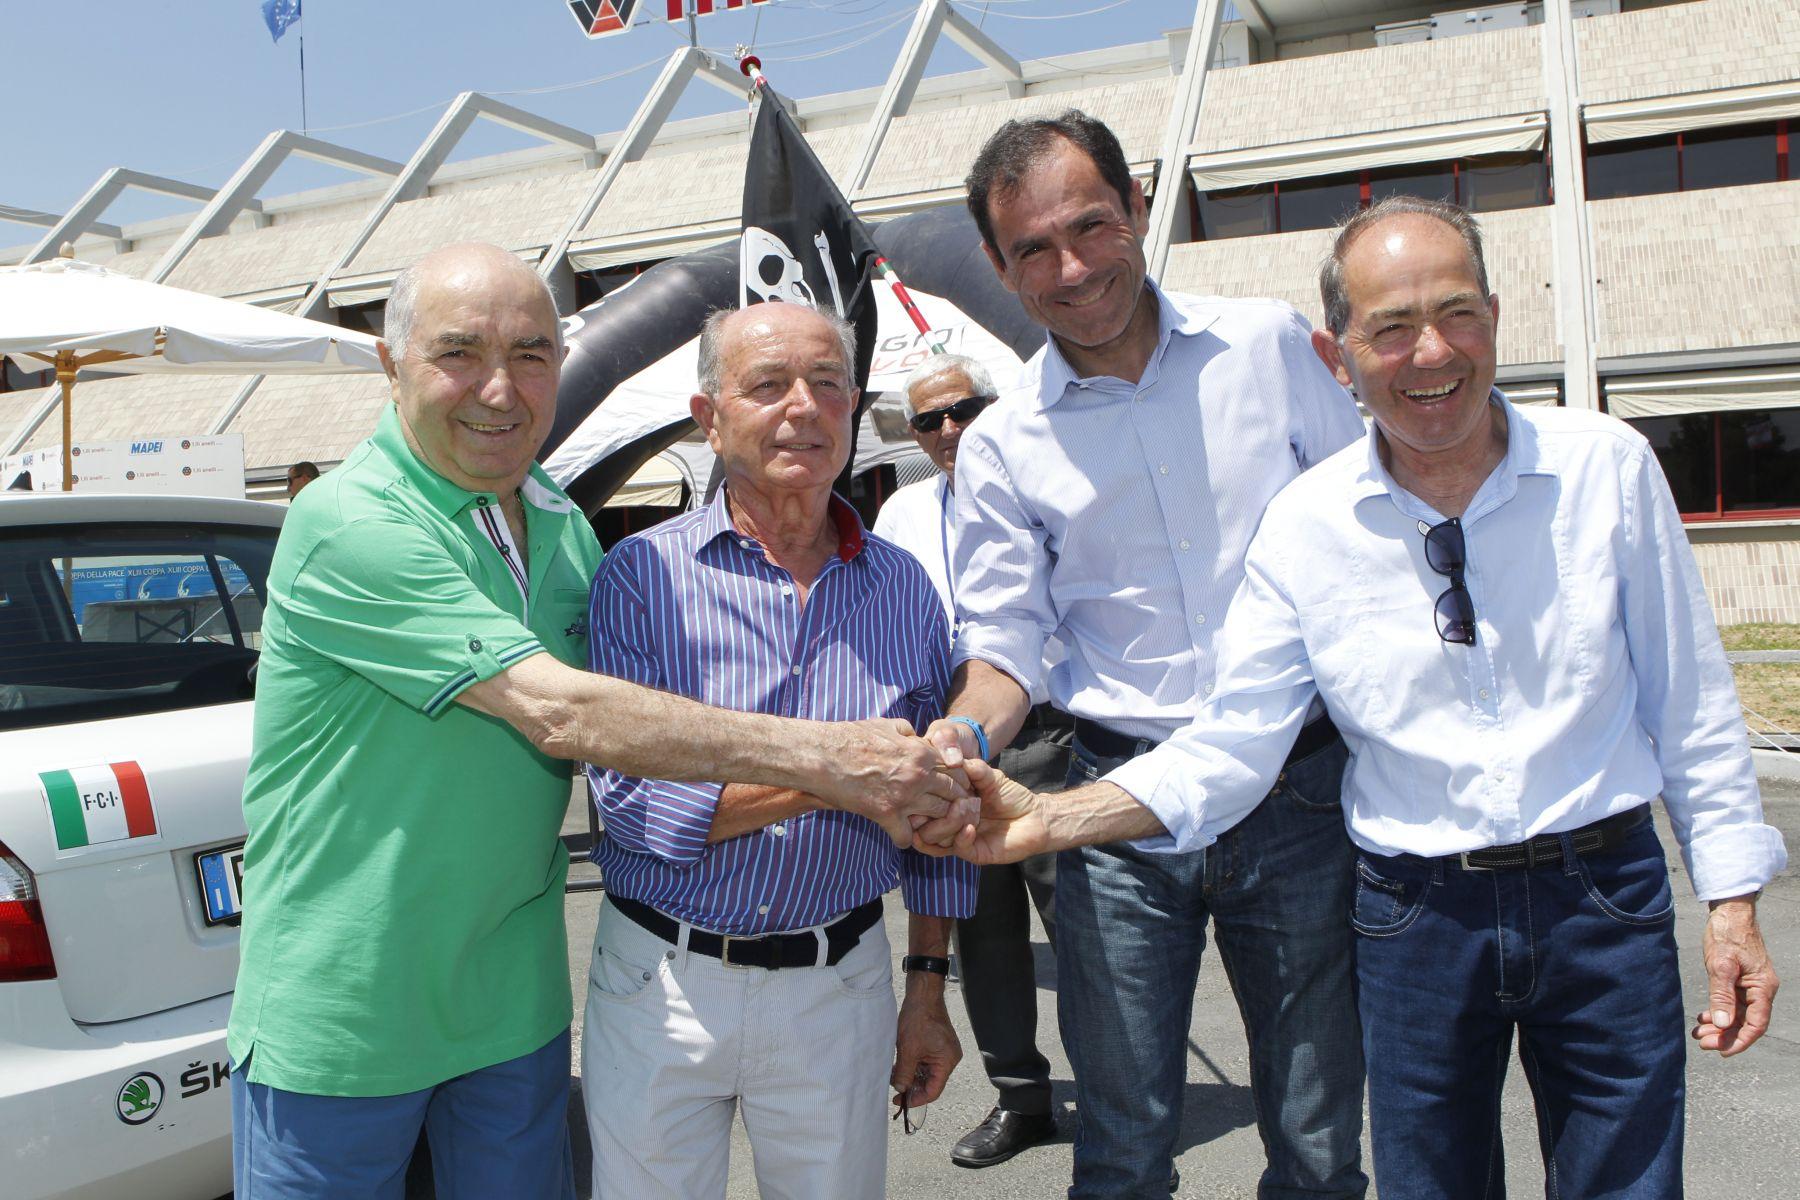 Davide Cassani in compagnia dei F.lli Anelli in occasione della Coppa della Pace 2014.